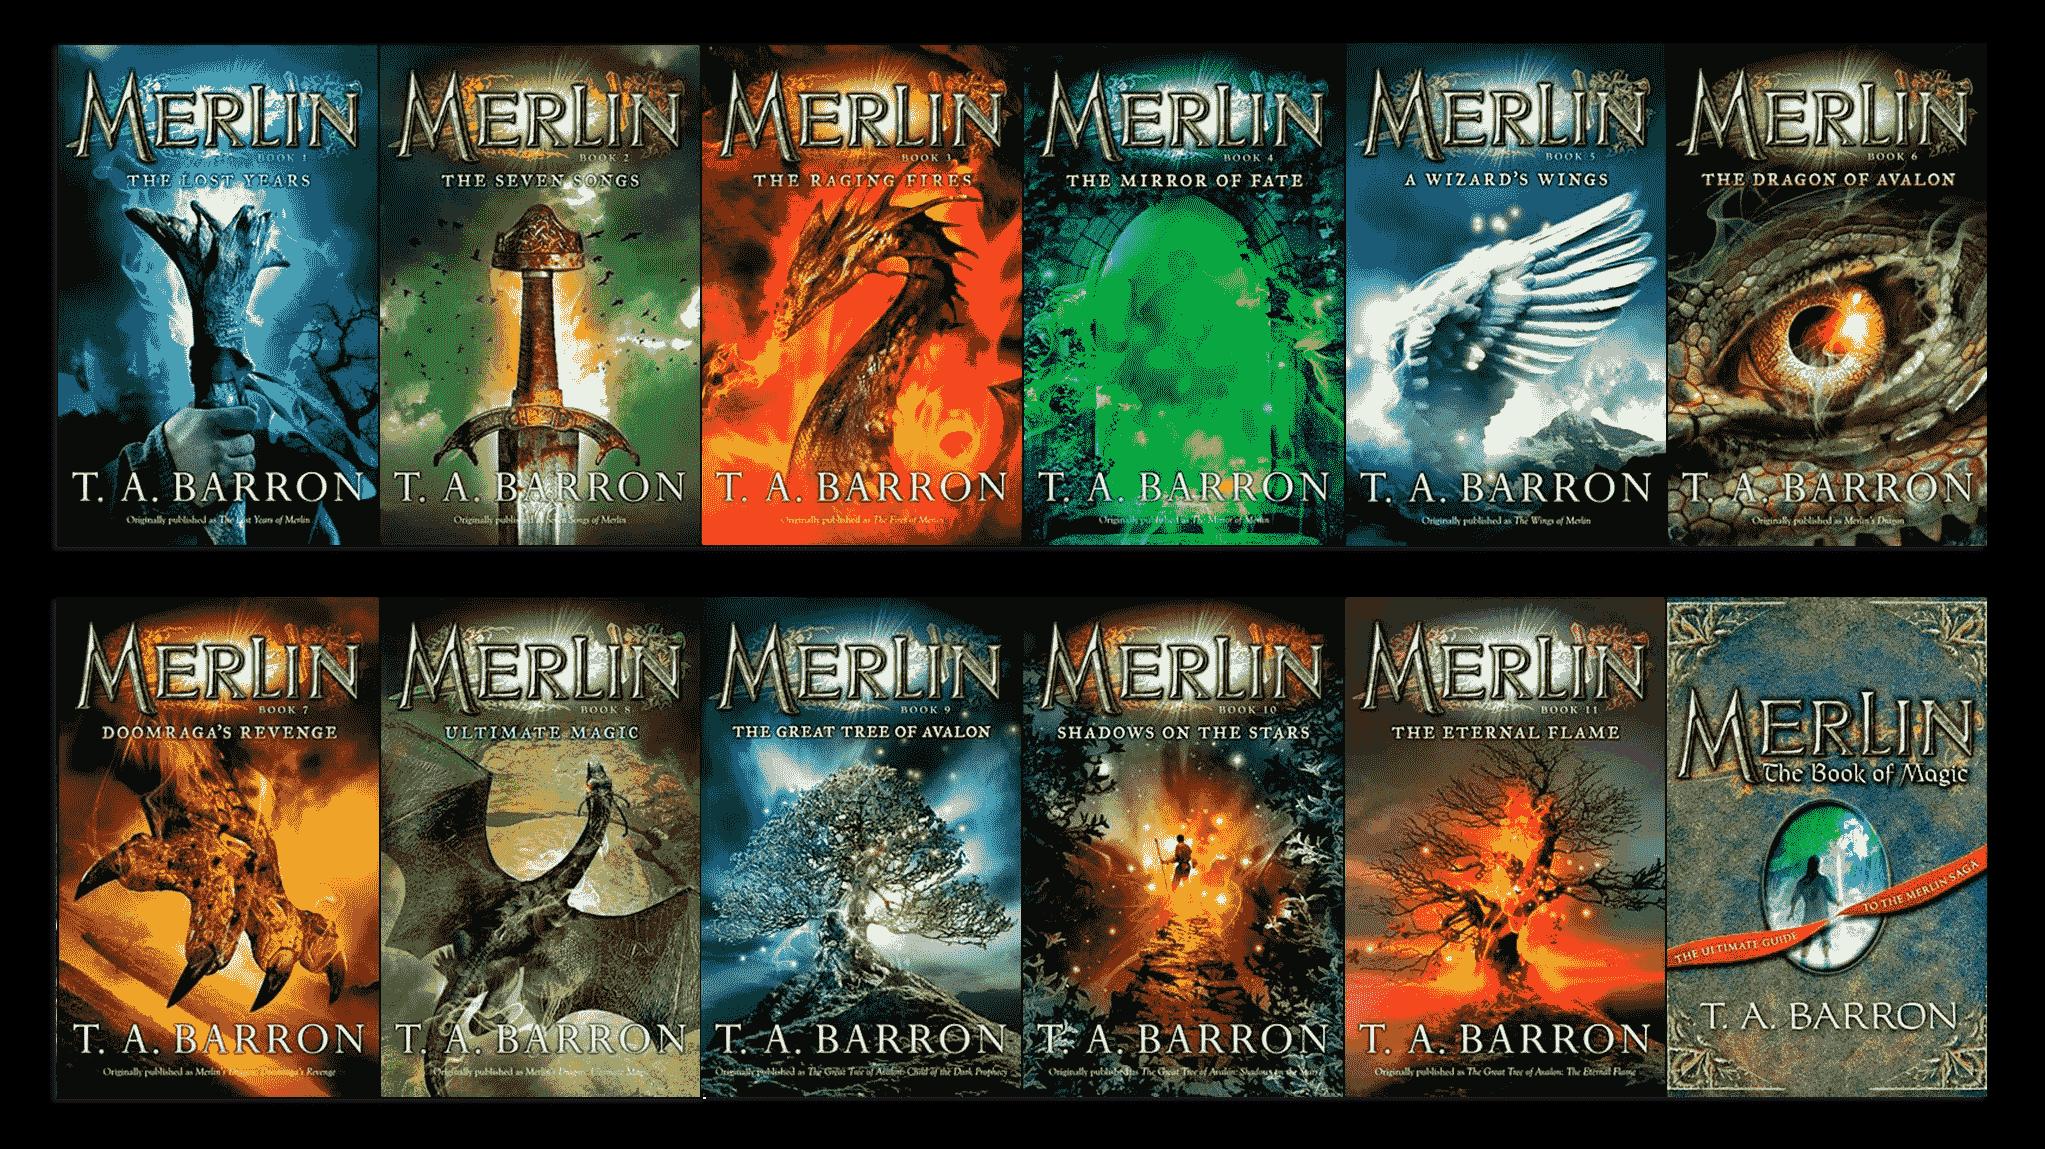 Ridley Scott ska regissera nya Merlin